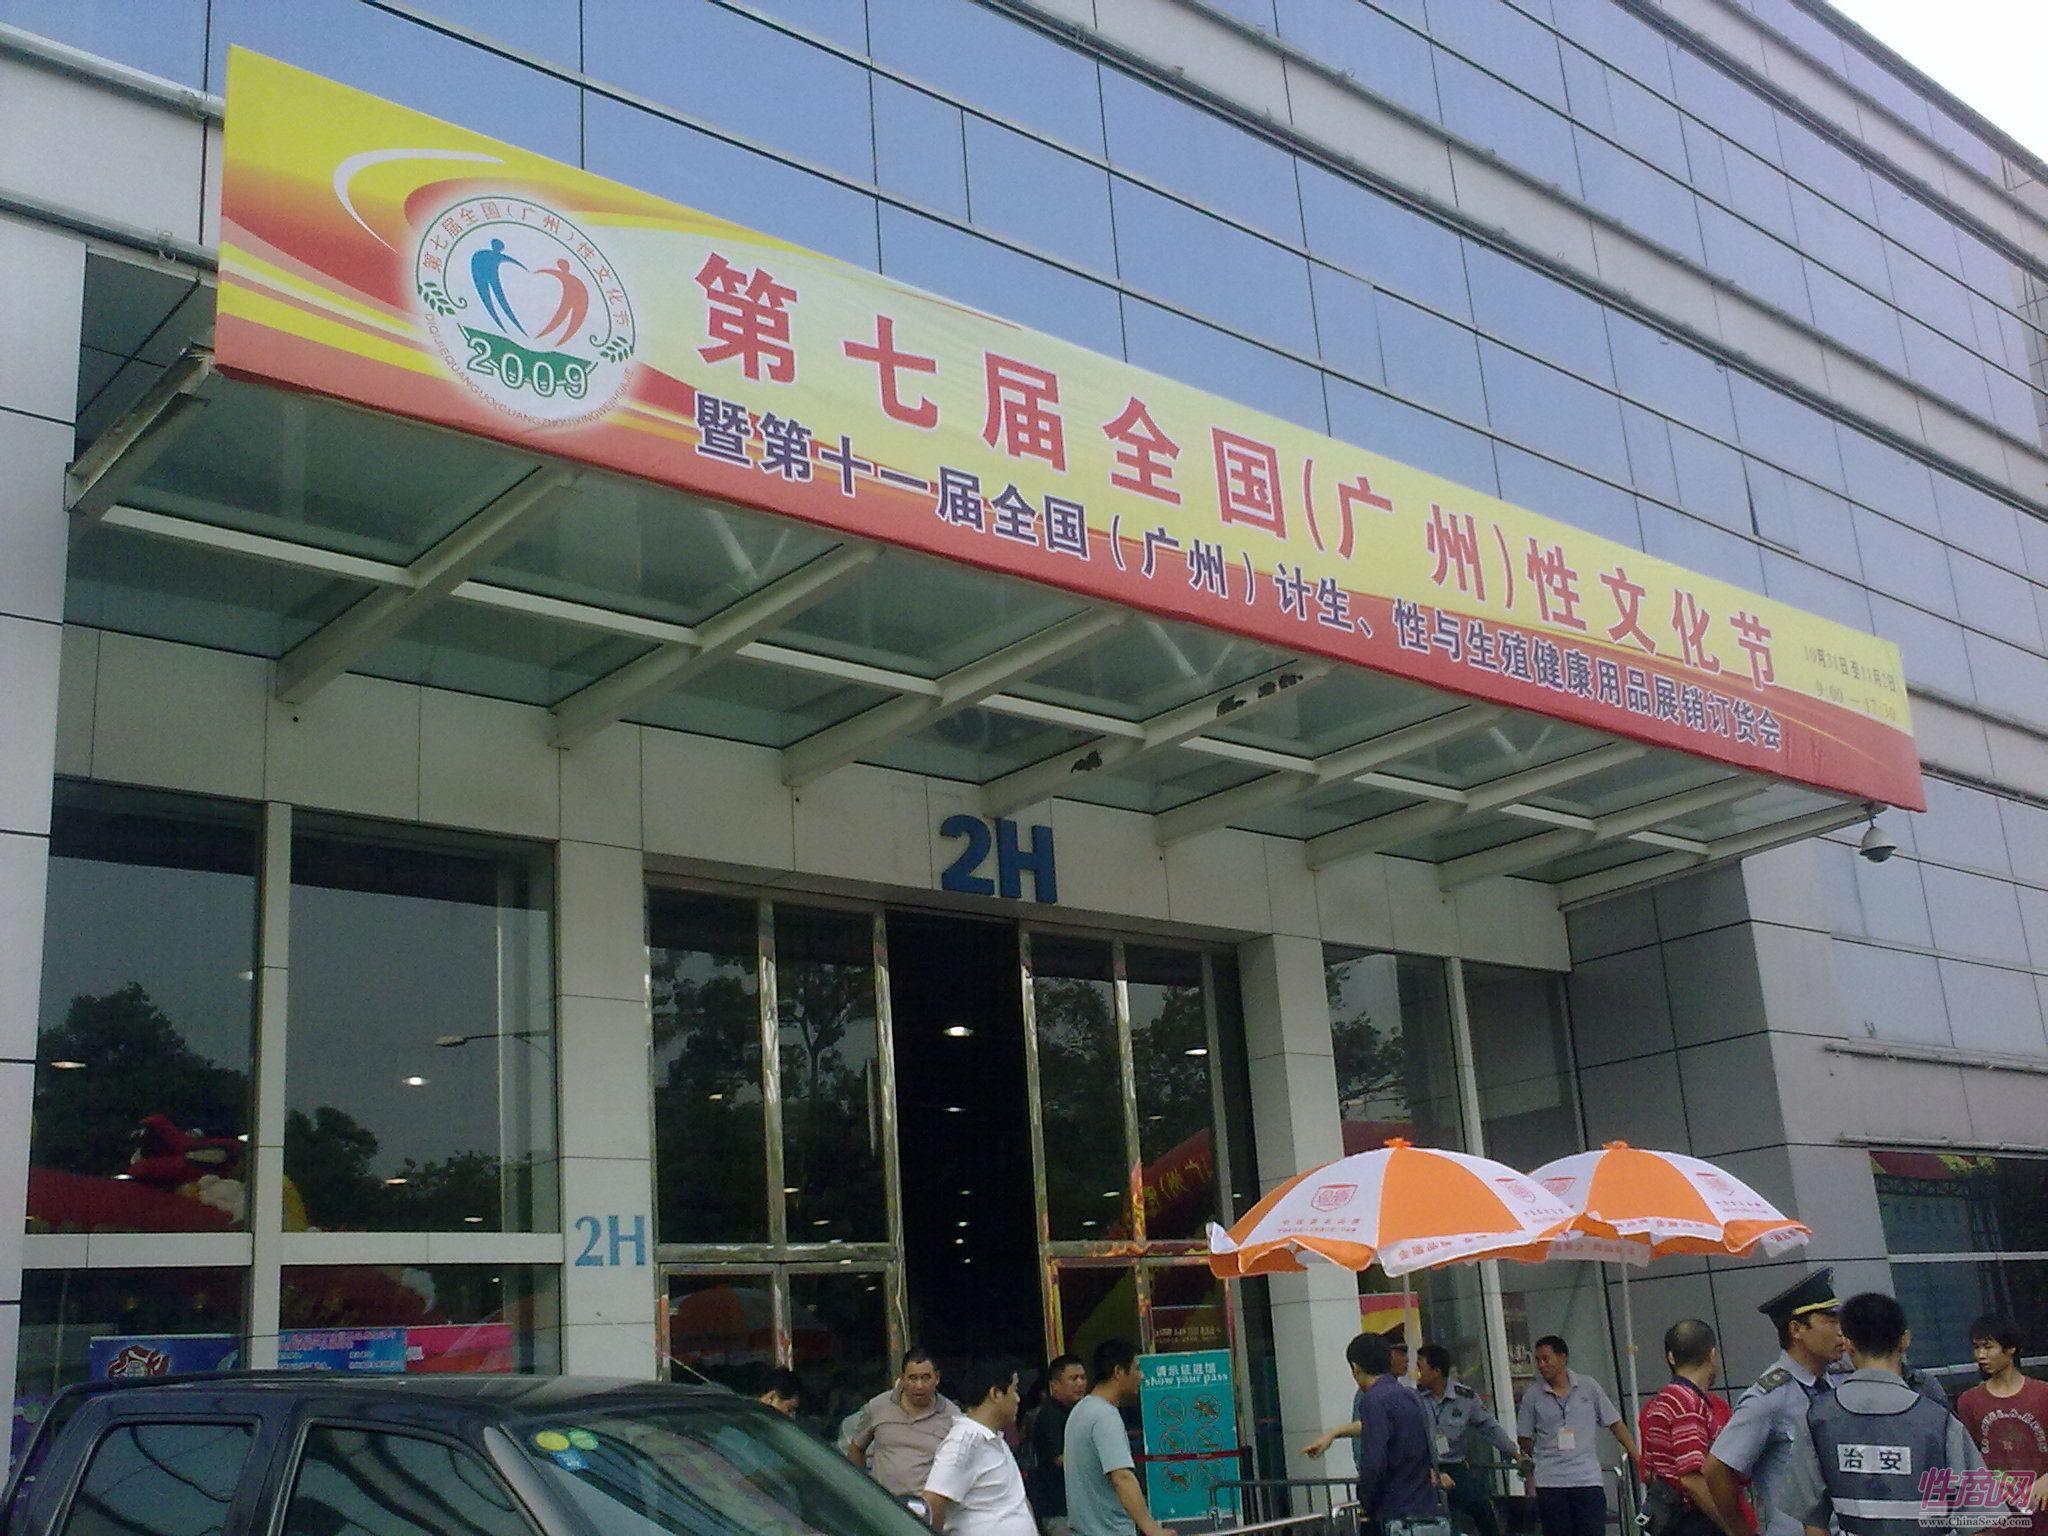 第七届广州性文化节展馆入口